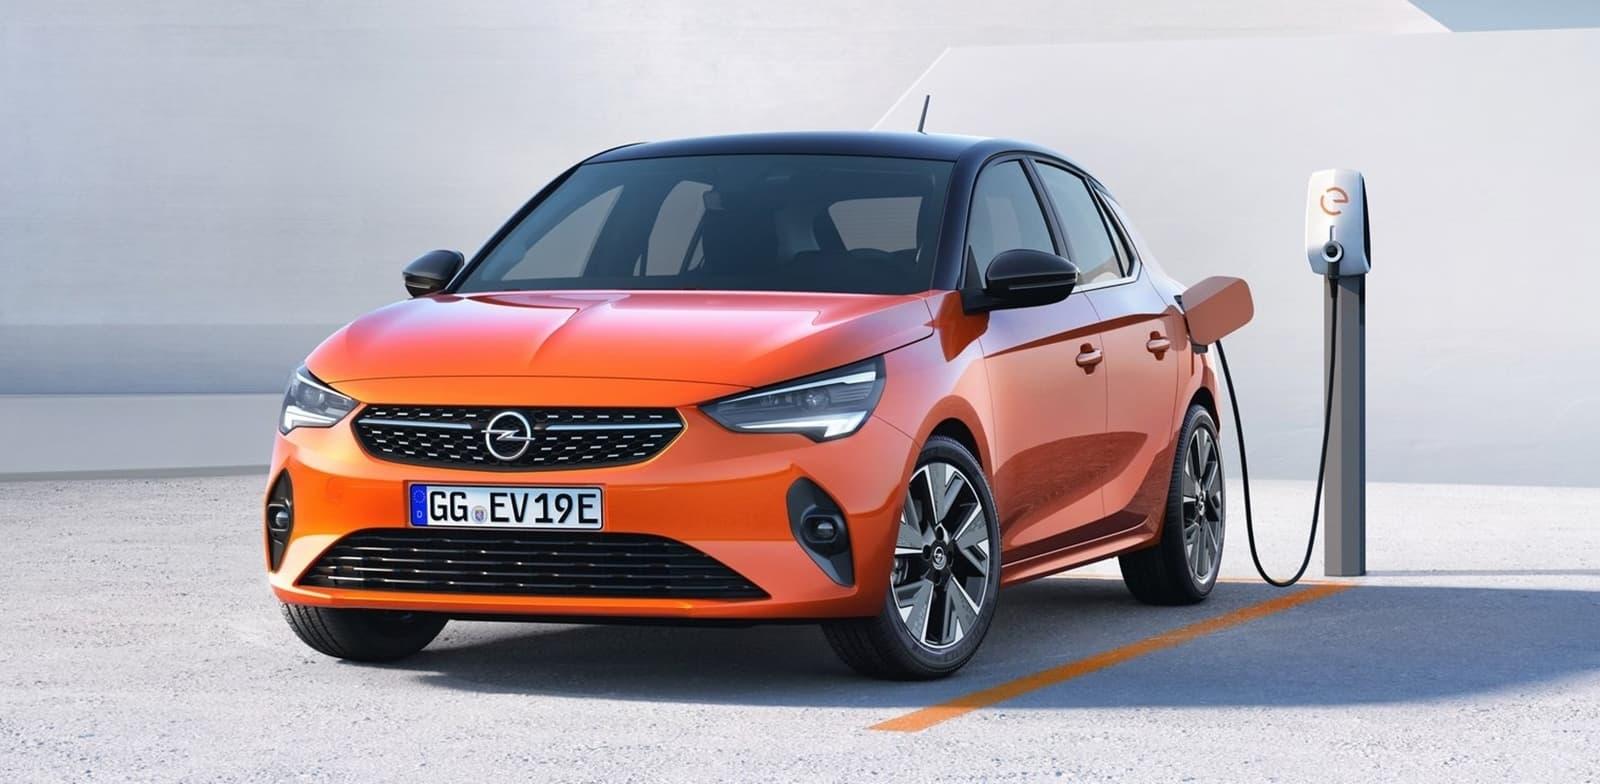 Opel Corsa E 0519 007